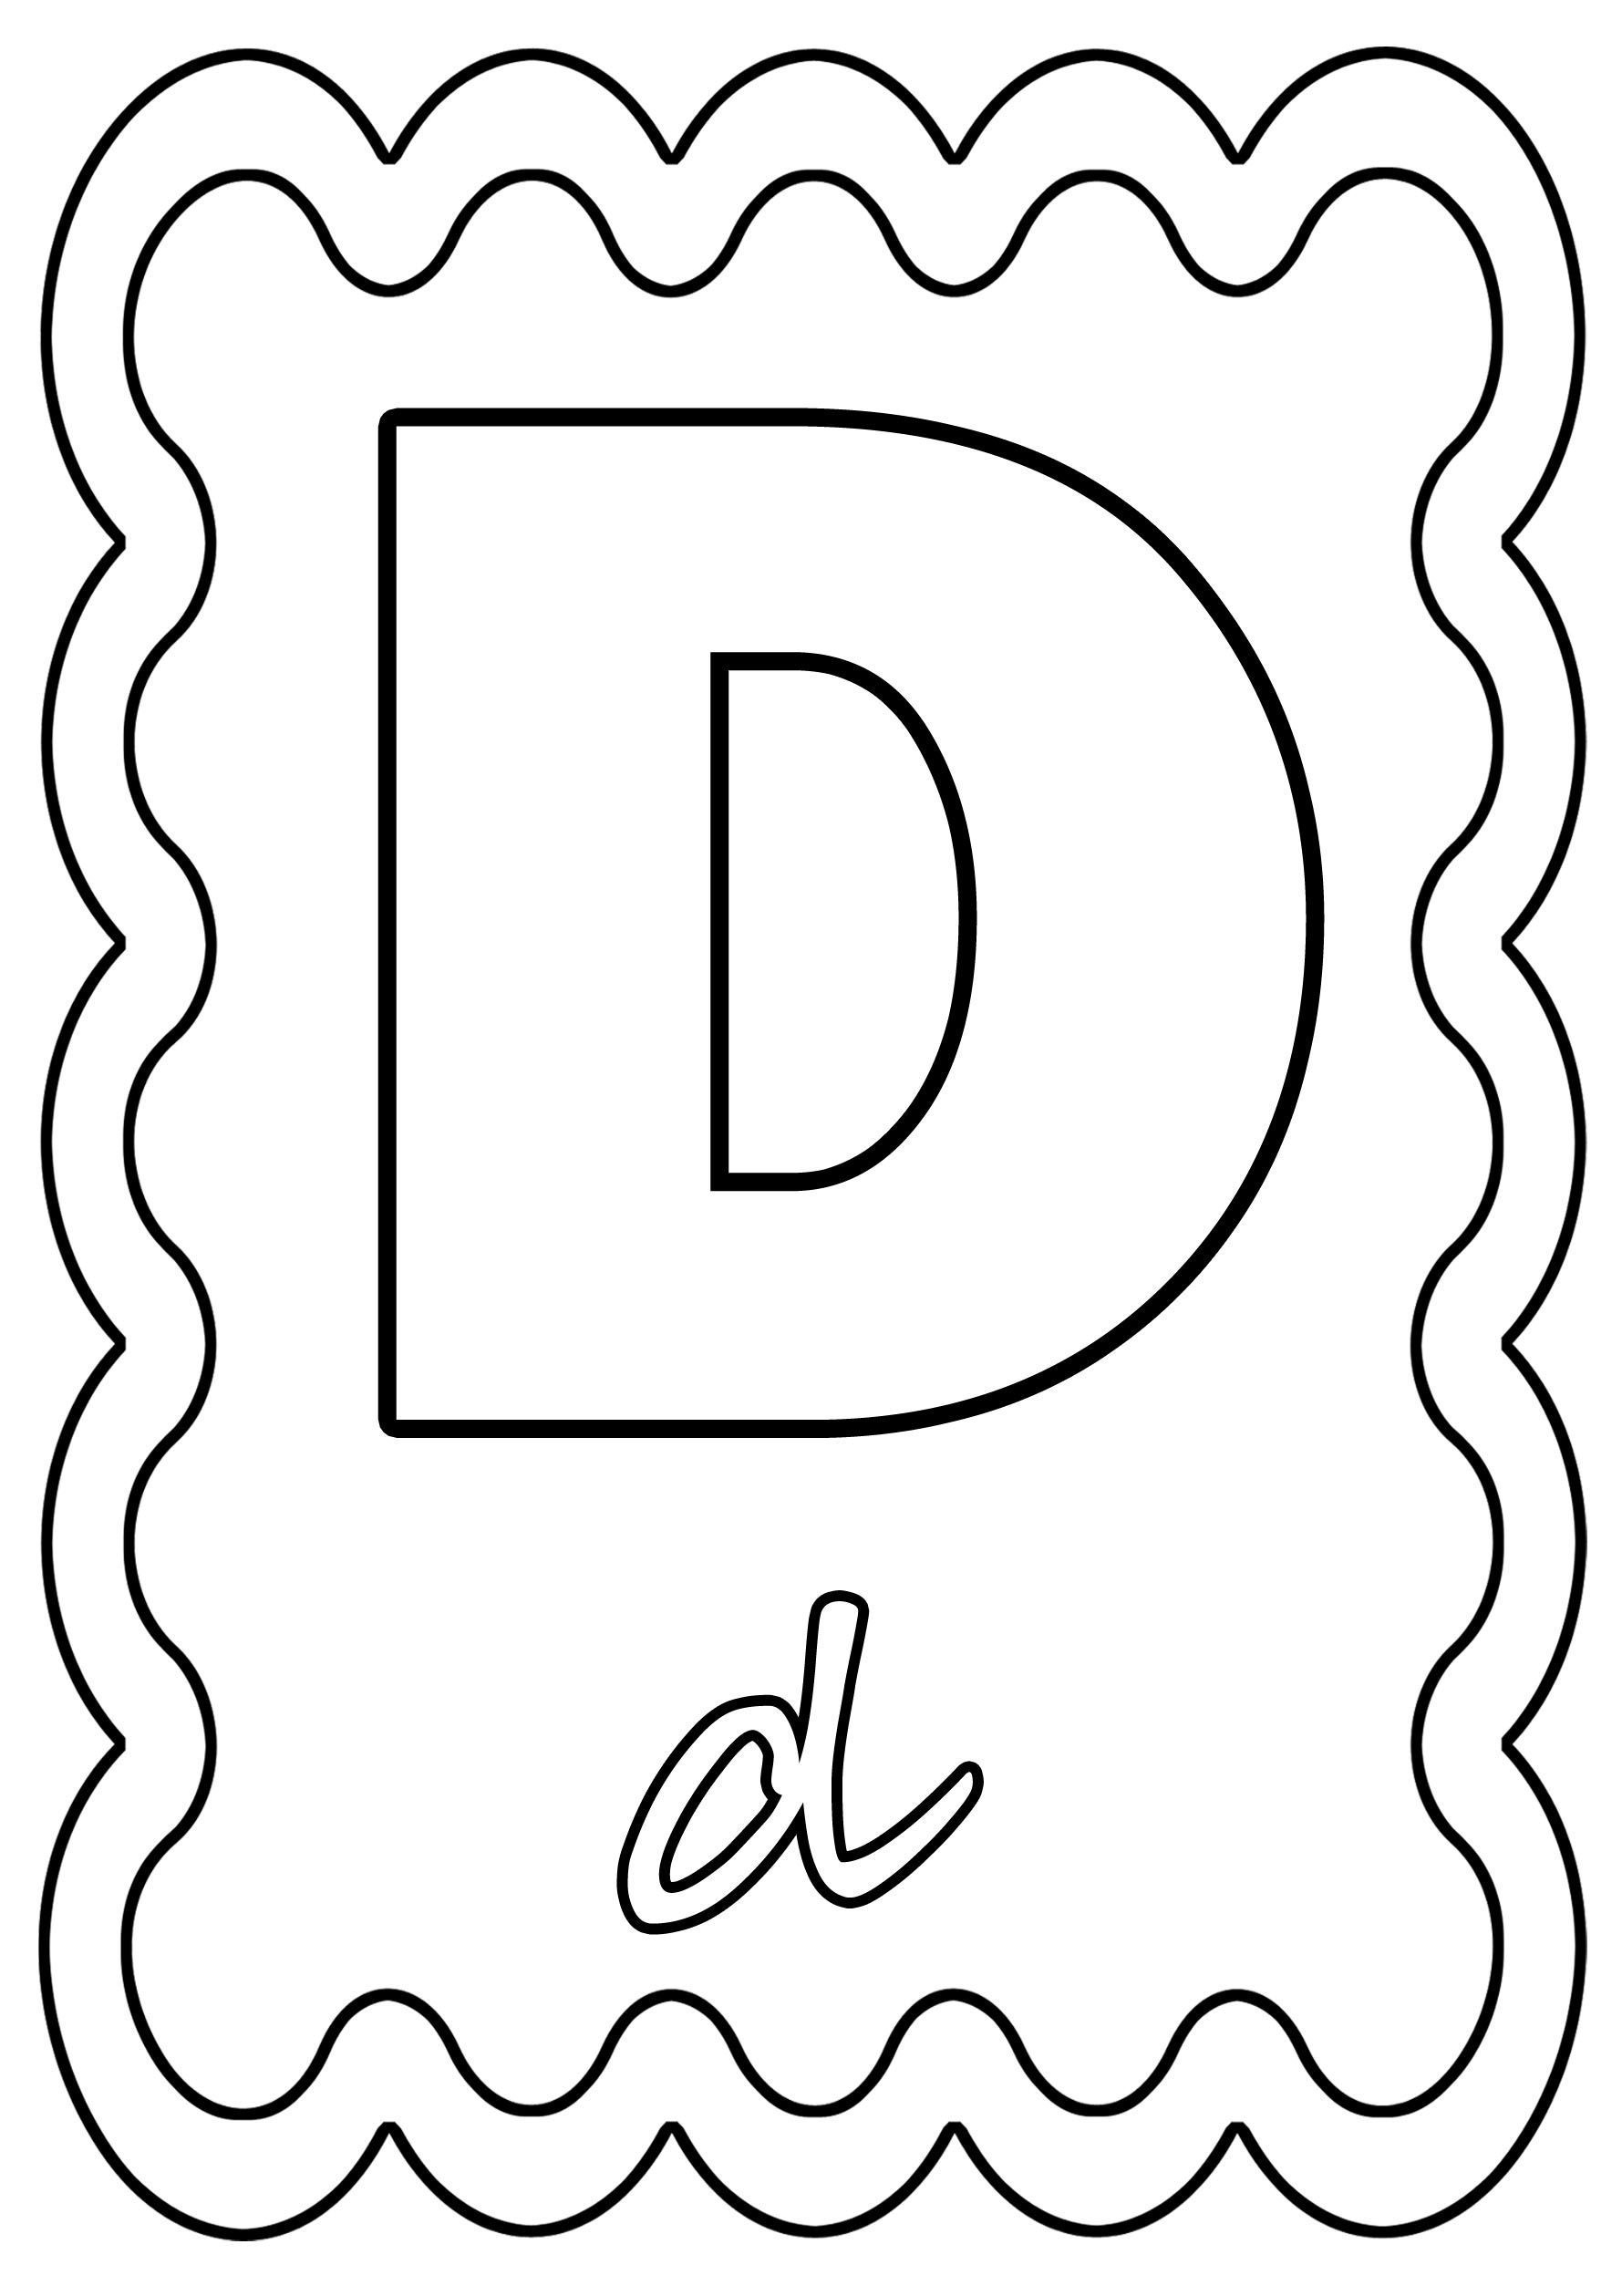 Coloriage Alphabet Lettre De A A Z à Coloriage D Alphabet